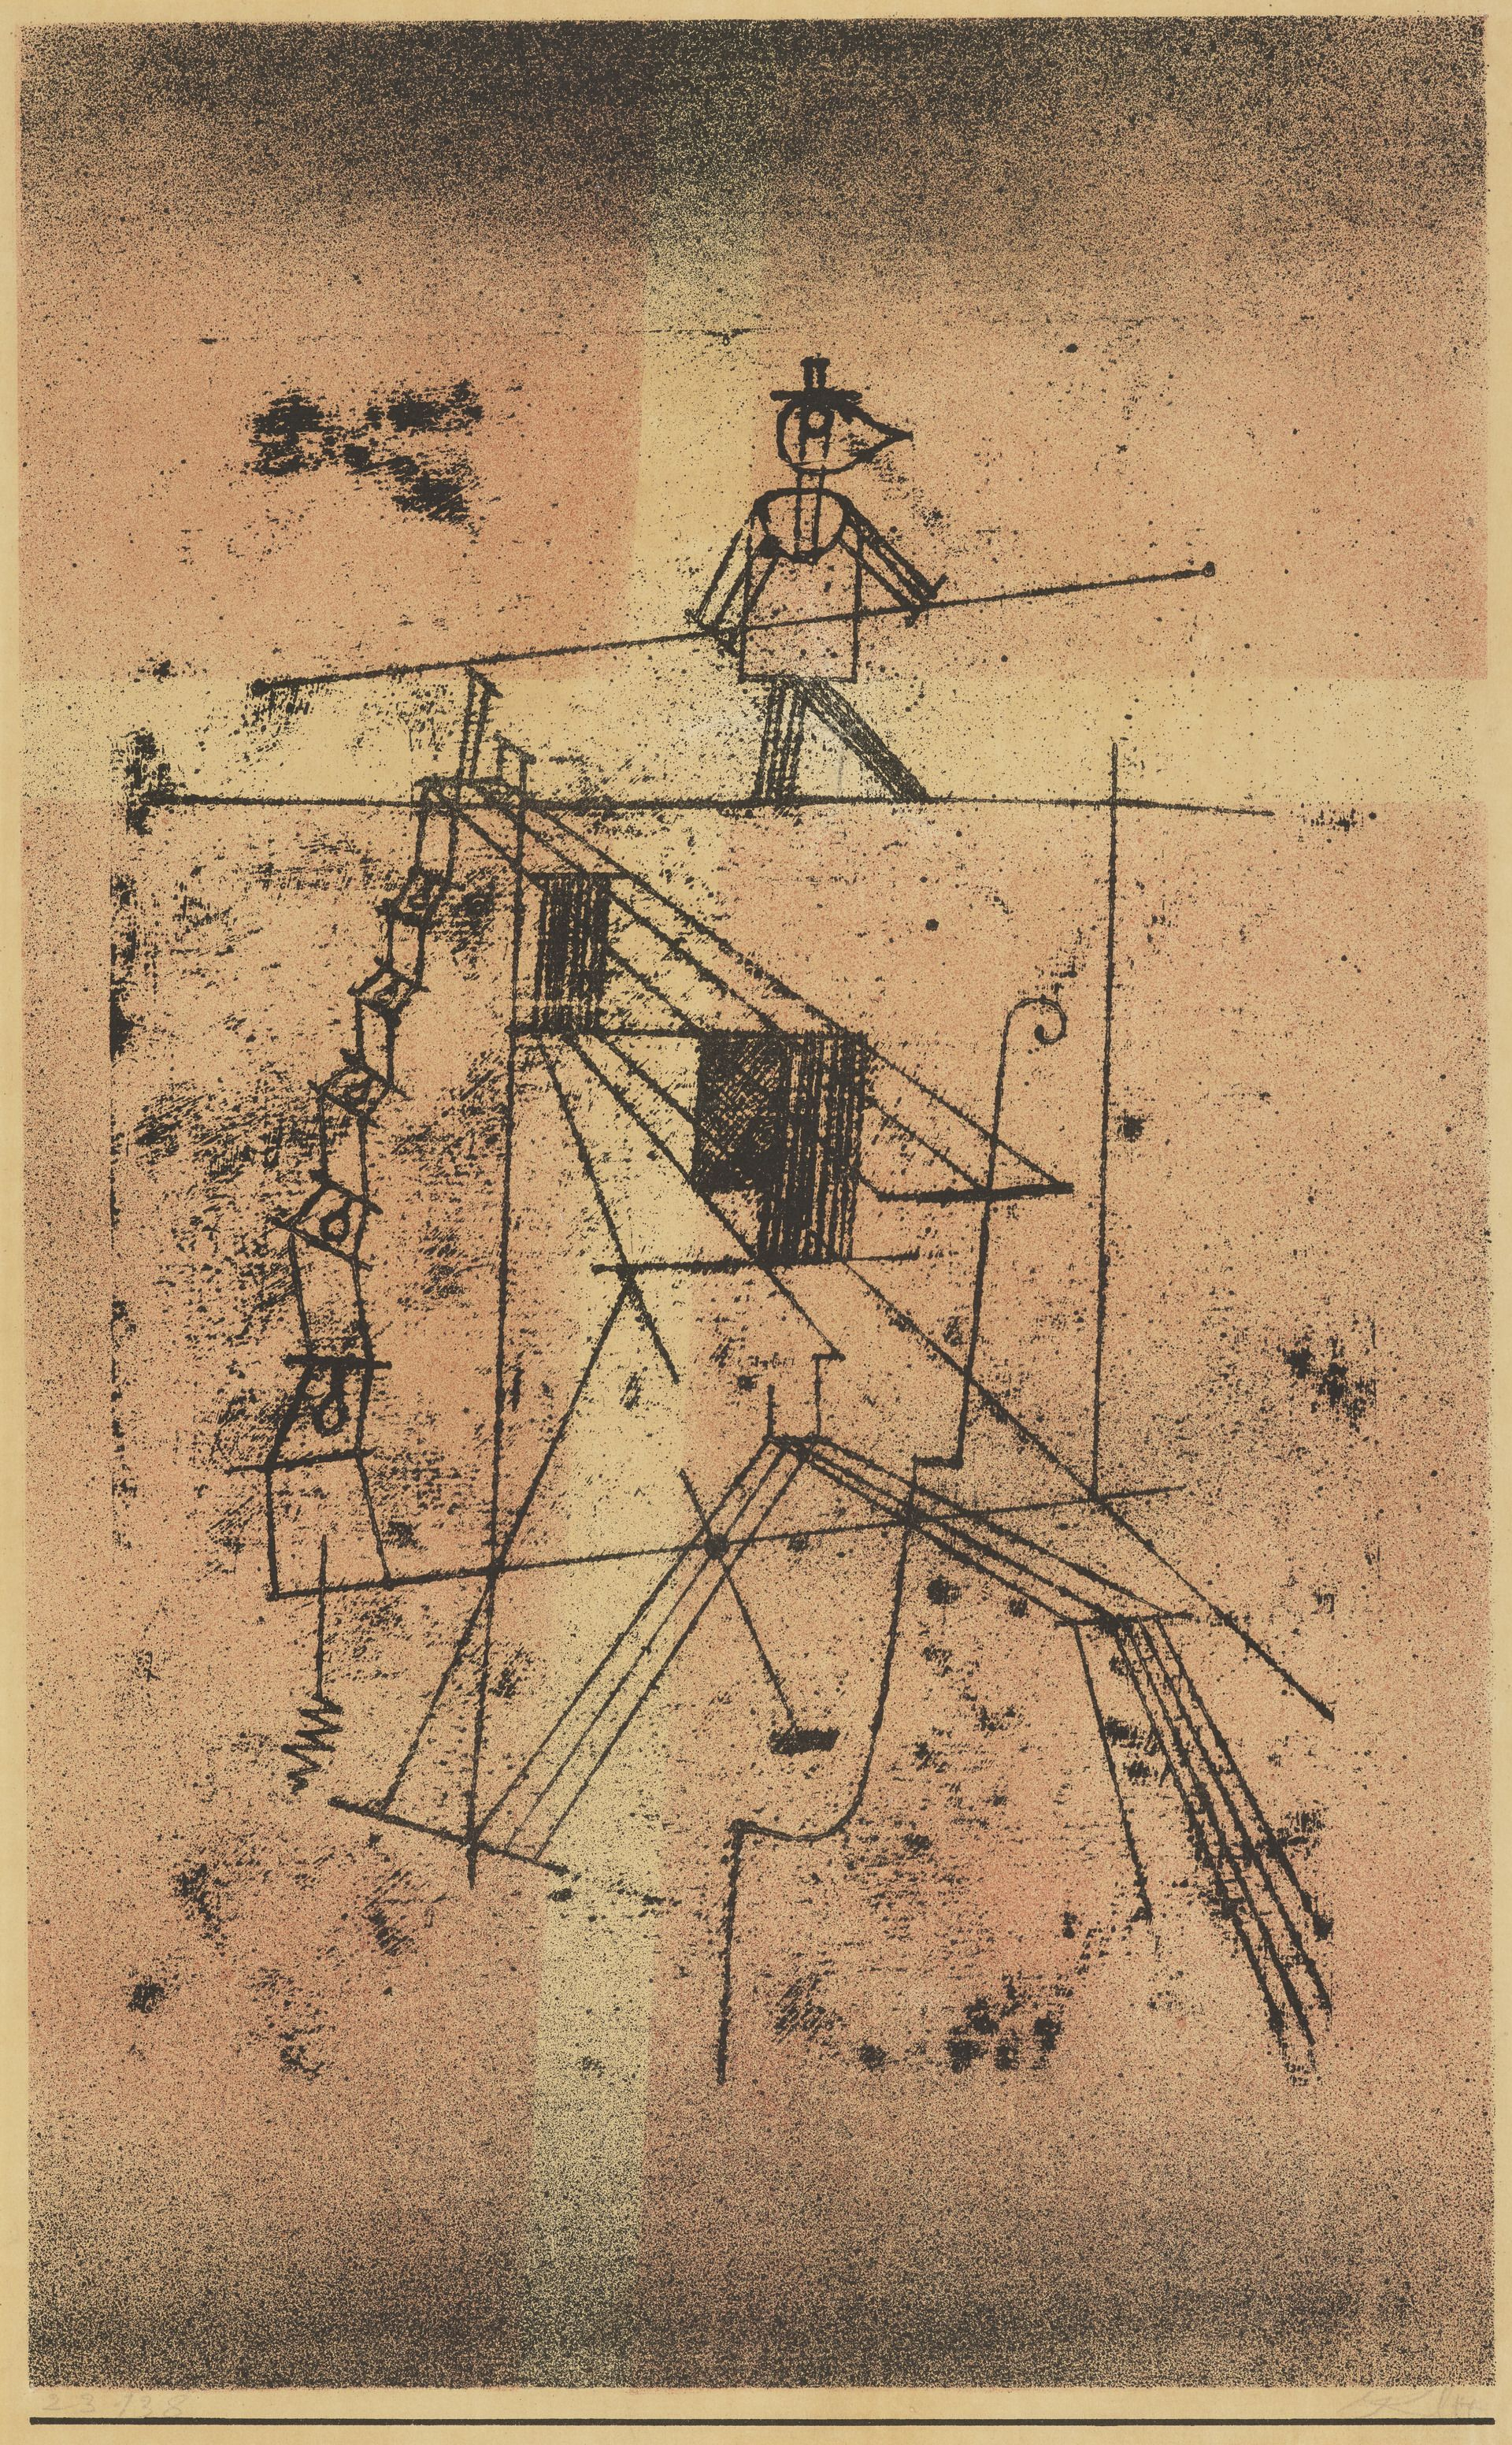 paul klee: tightrope walker | 1923 | national galleries of scotland, edinburgh - #edinburgh #galleries #national #scotland #tightrope #walker - #PaulKlee